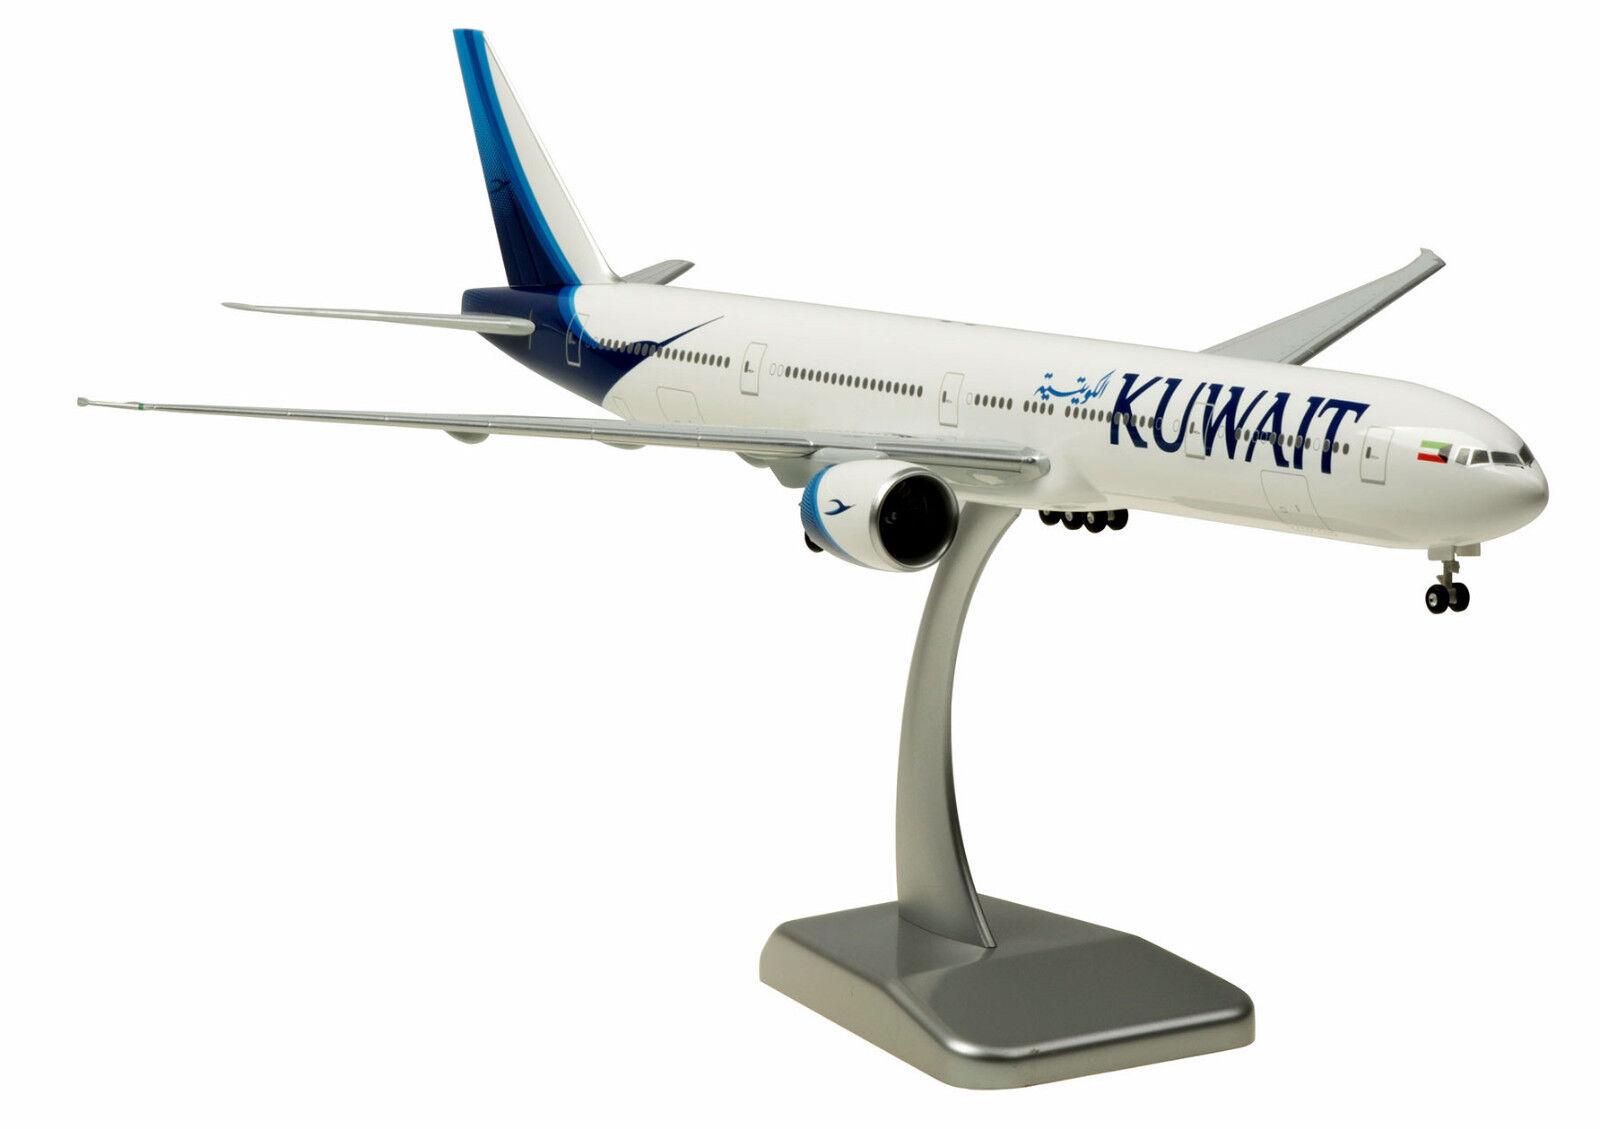 Kuwait Airways Boeing 777-300ER 1 200 Hogan Wings Modell 10680 B777 neues Design